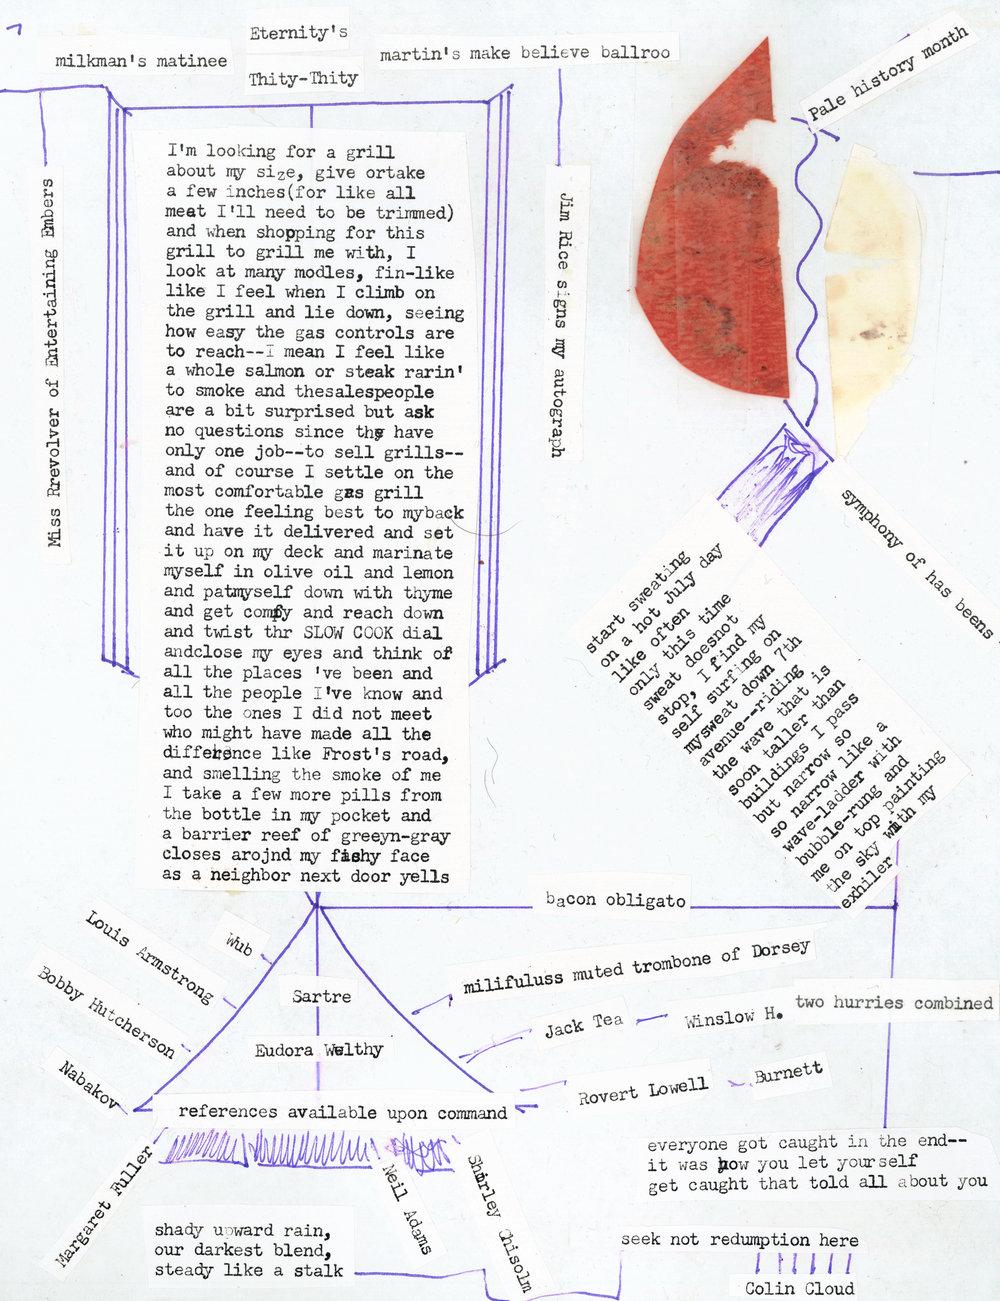 AMDTTch5_page7-c.jpg